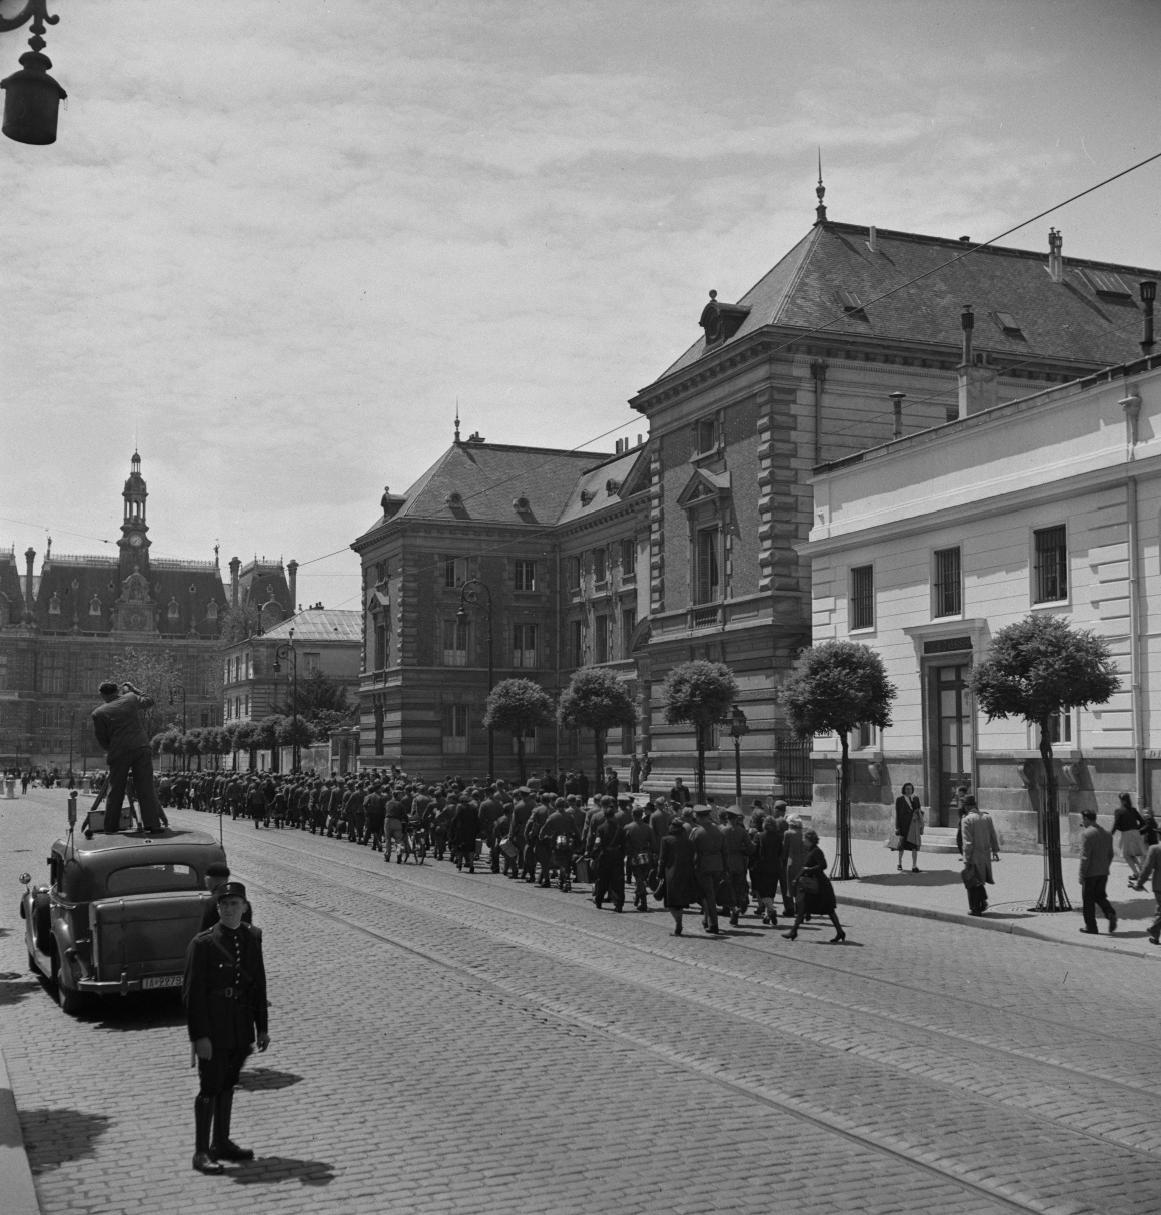 29. Легионеры проходят колонной к вокзалу по городским улицам